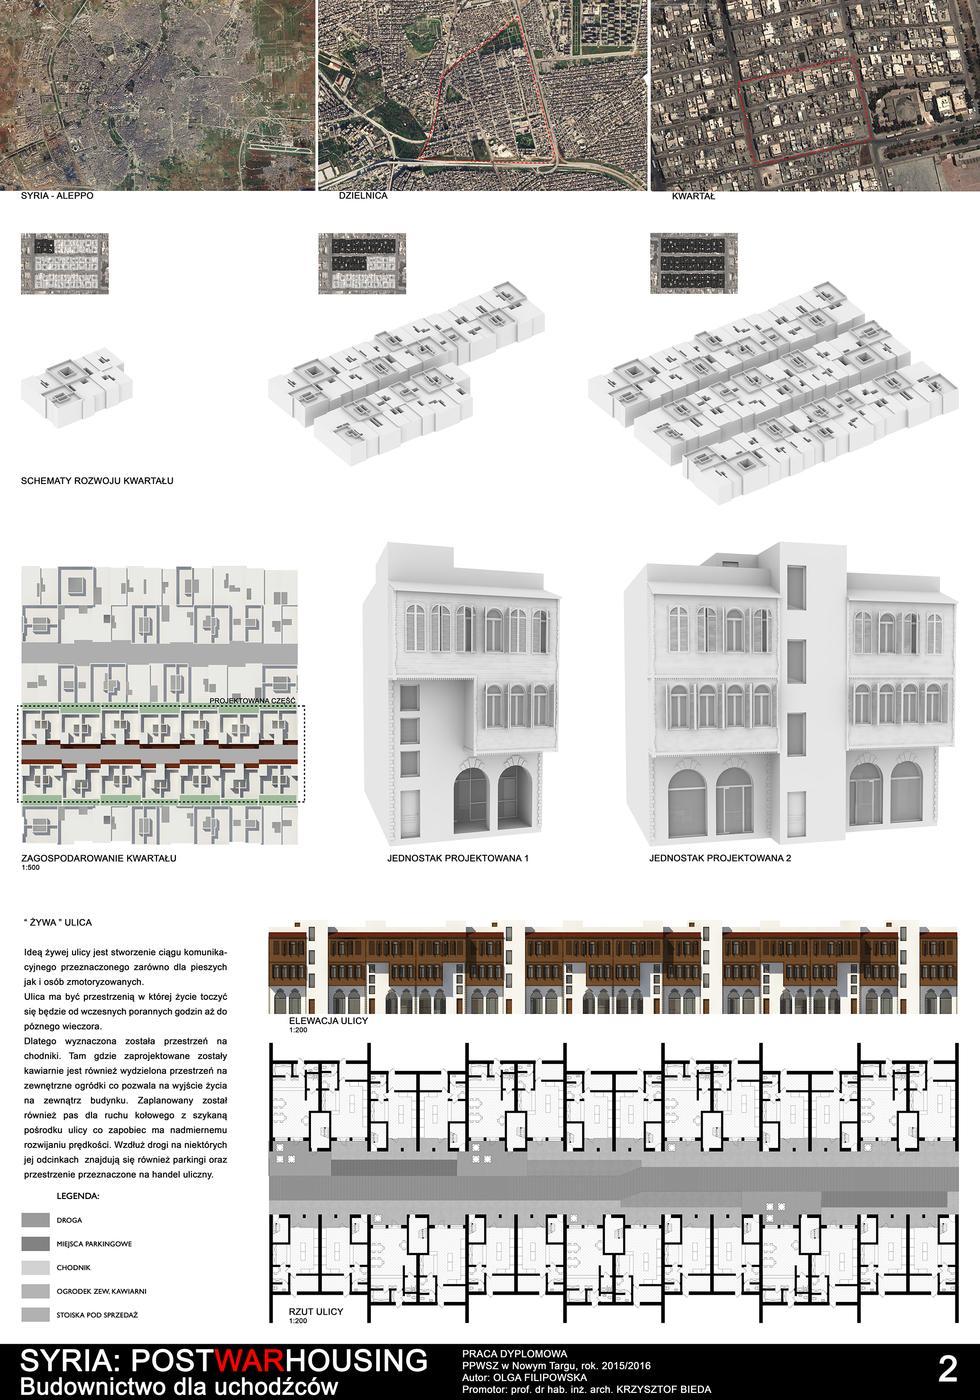 SYRIA: POSTWARHOUSING. Budownictwo dla uchodźców.